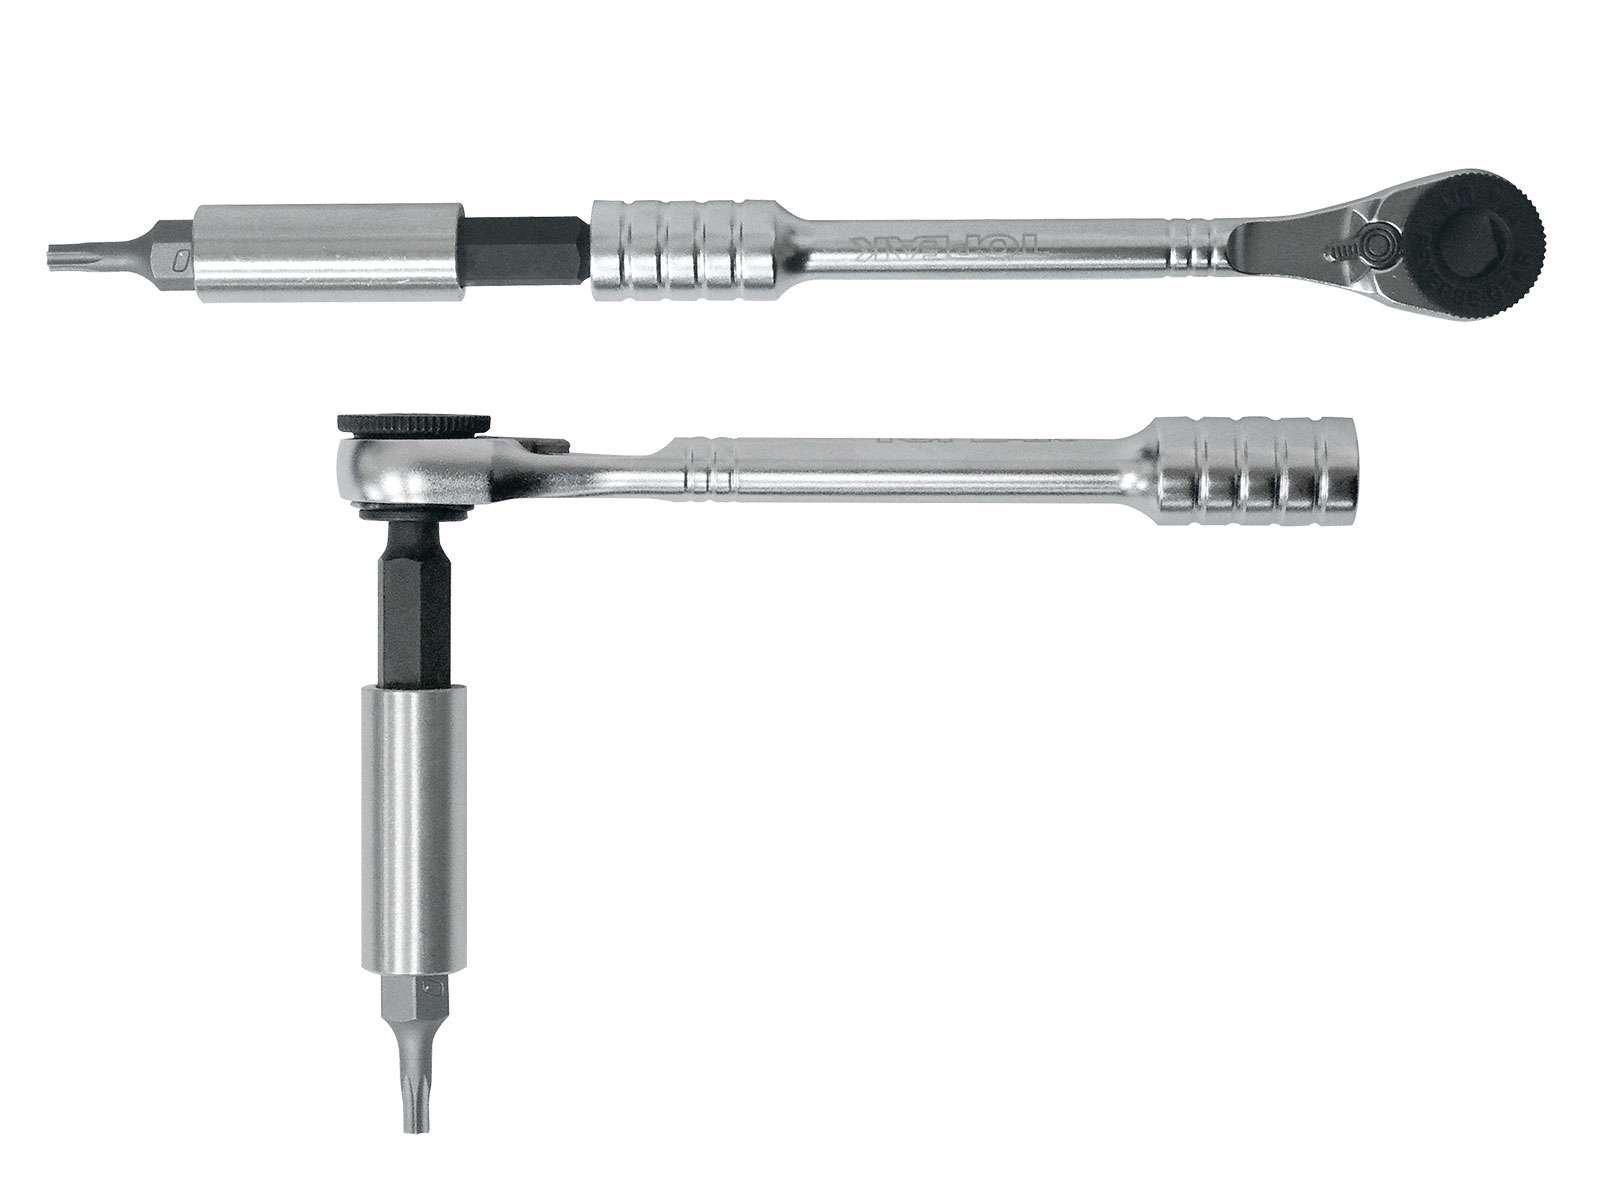 Ferramenta Topeak Ratchet Rocket Lite DX - 16 Funções